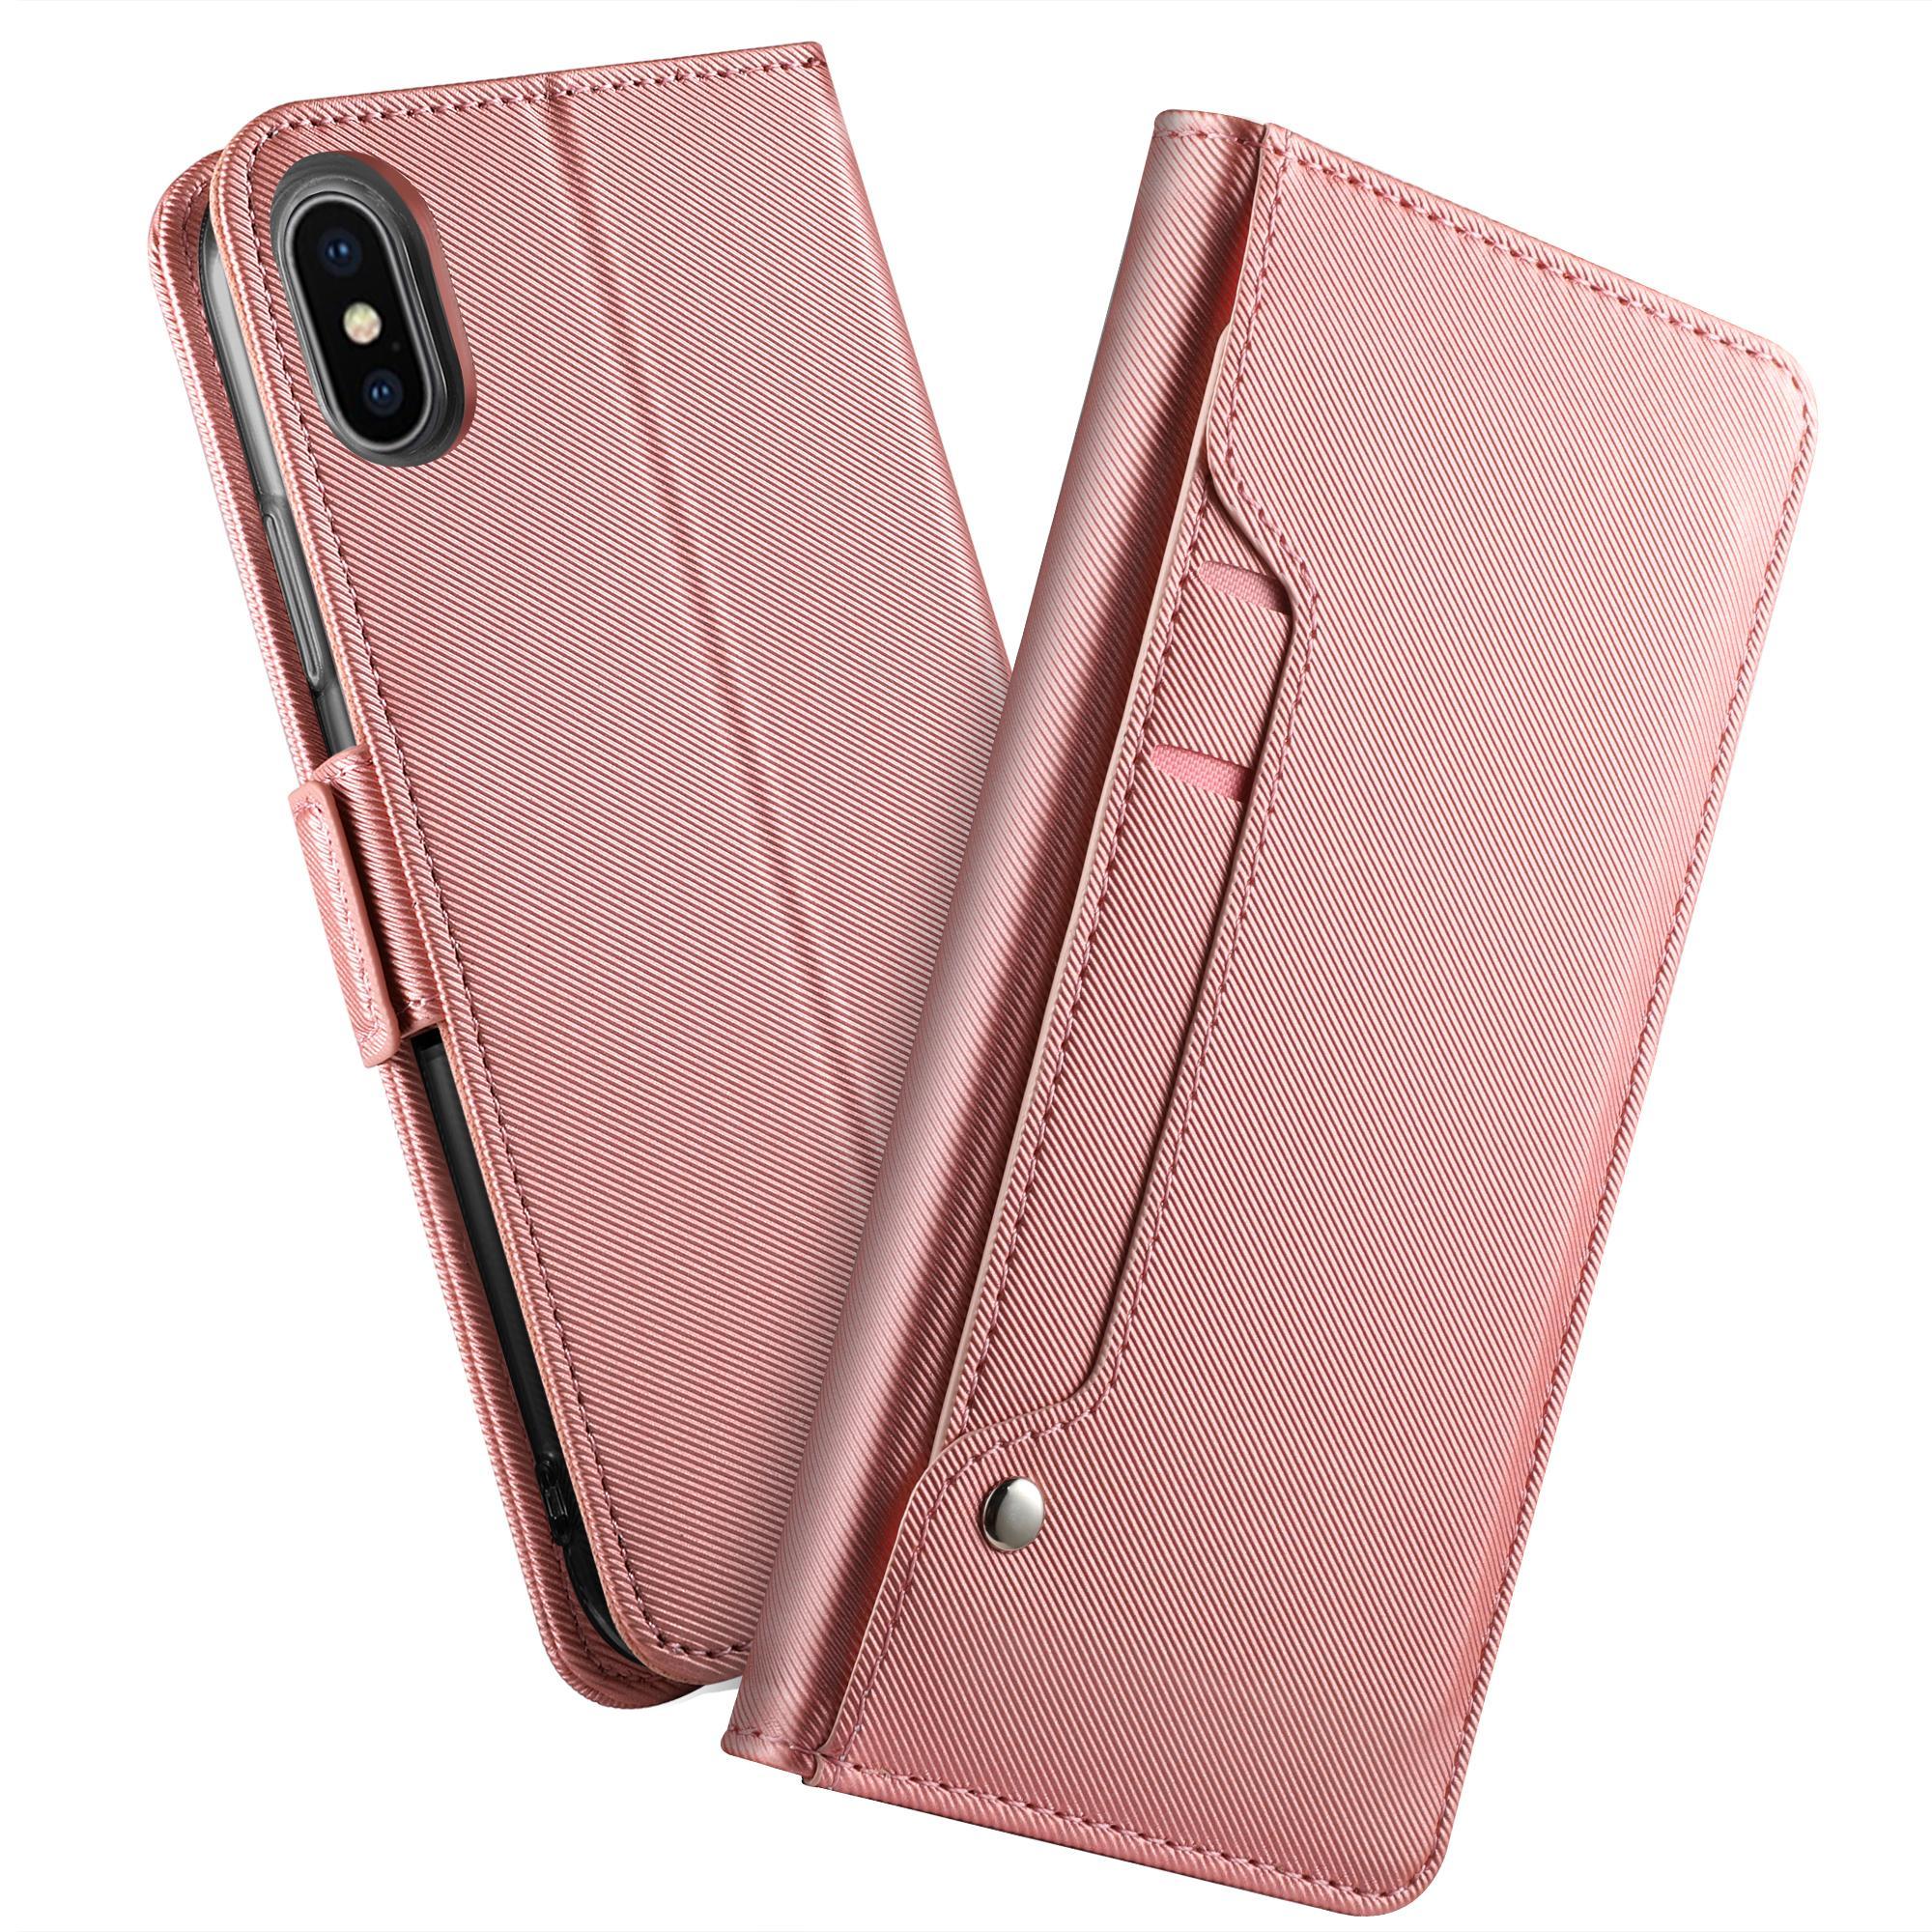 Plånboksfodral Spegel Apple iPhone XS Max Rosa Guld